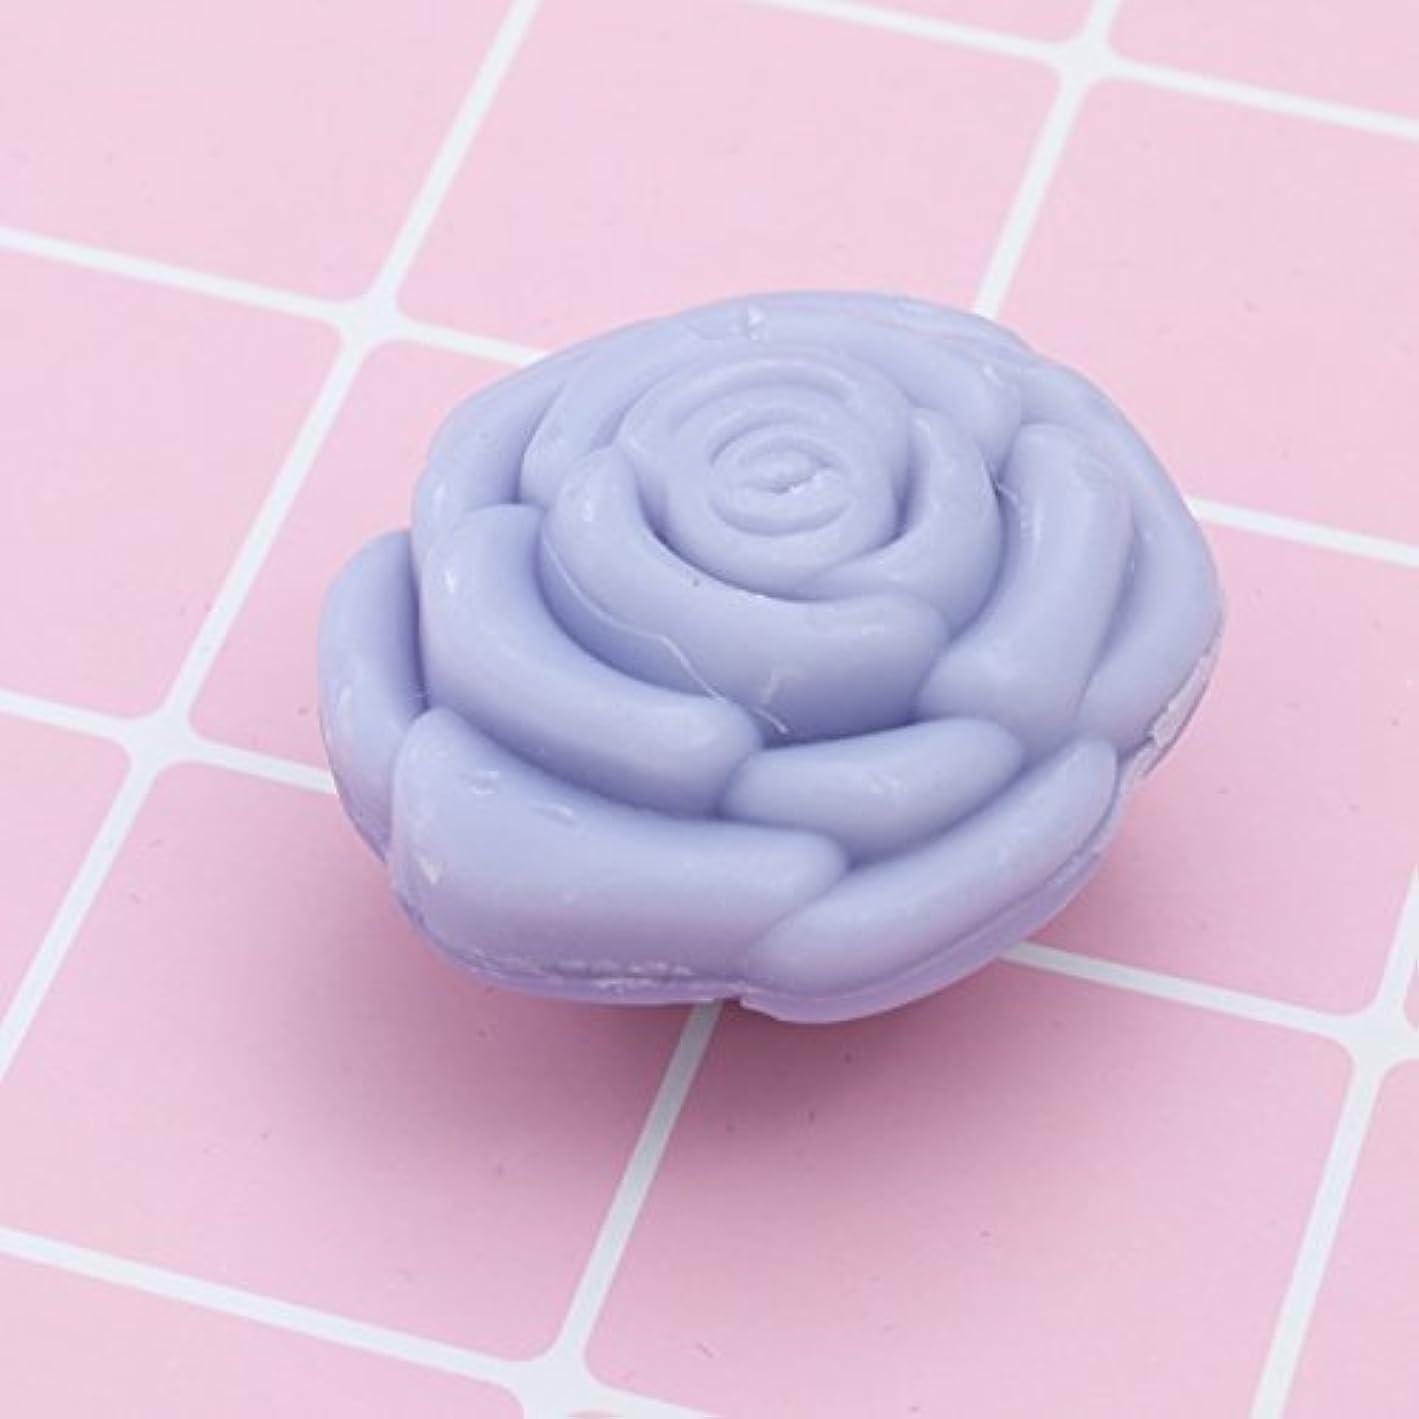 ディスパッチ機会小麦粉Amosfun 手作り石鹸オイルローズフラワーソープアロマエッセンシャルオイルギフト記念日誕生日結婚式バレンタインデー(紫)20ピース